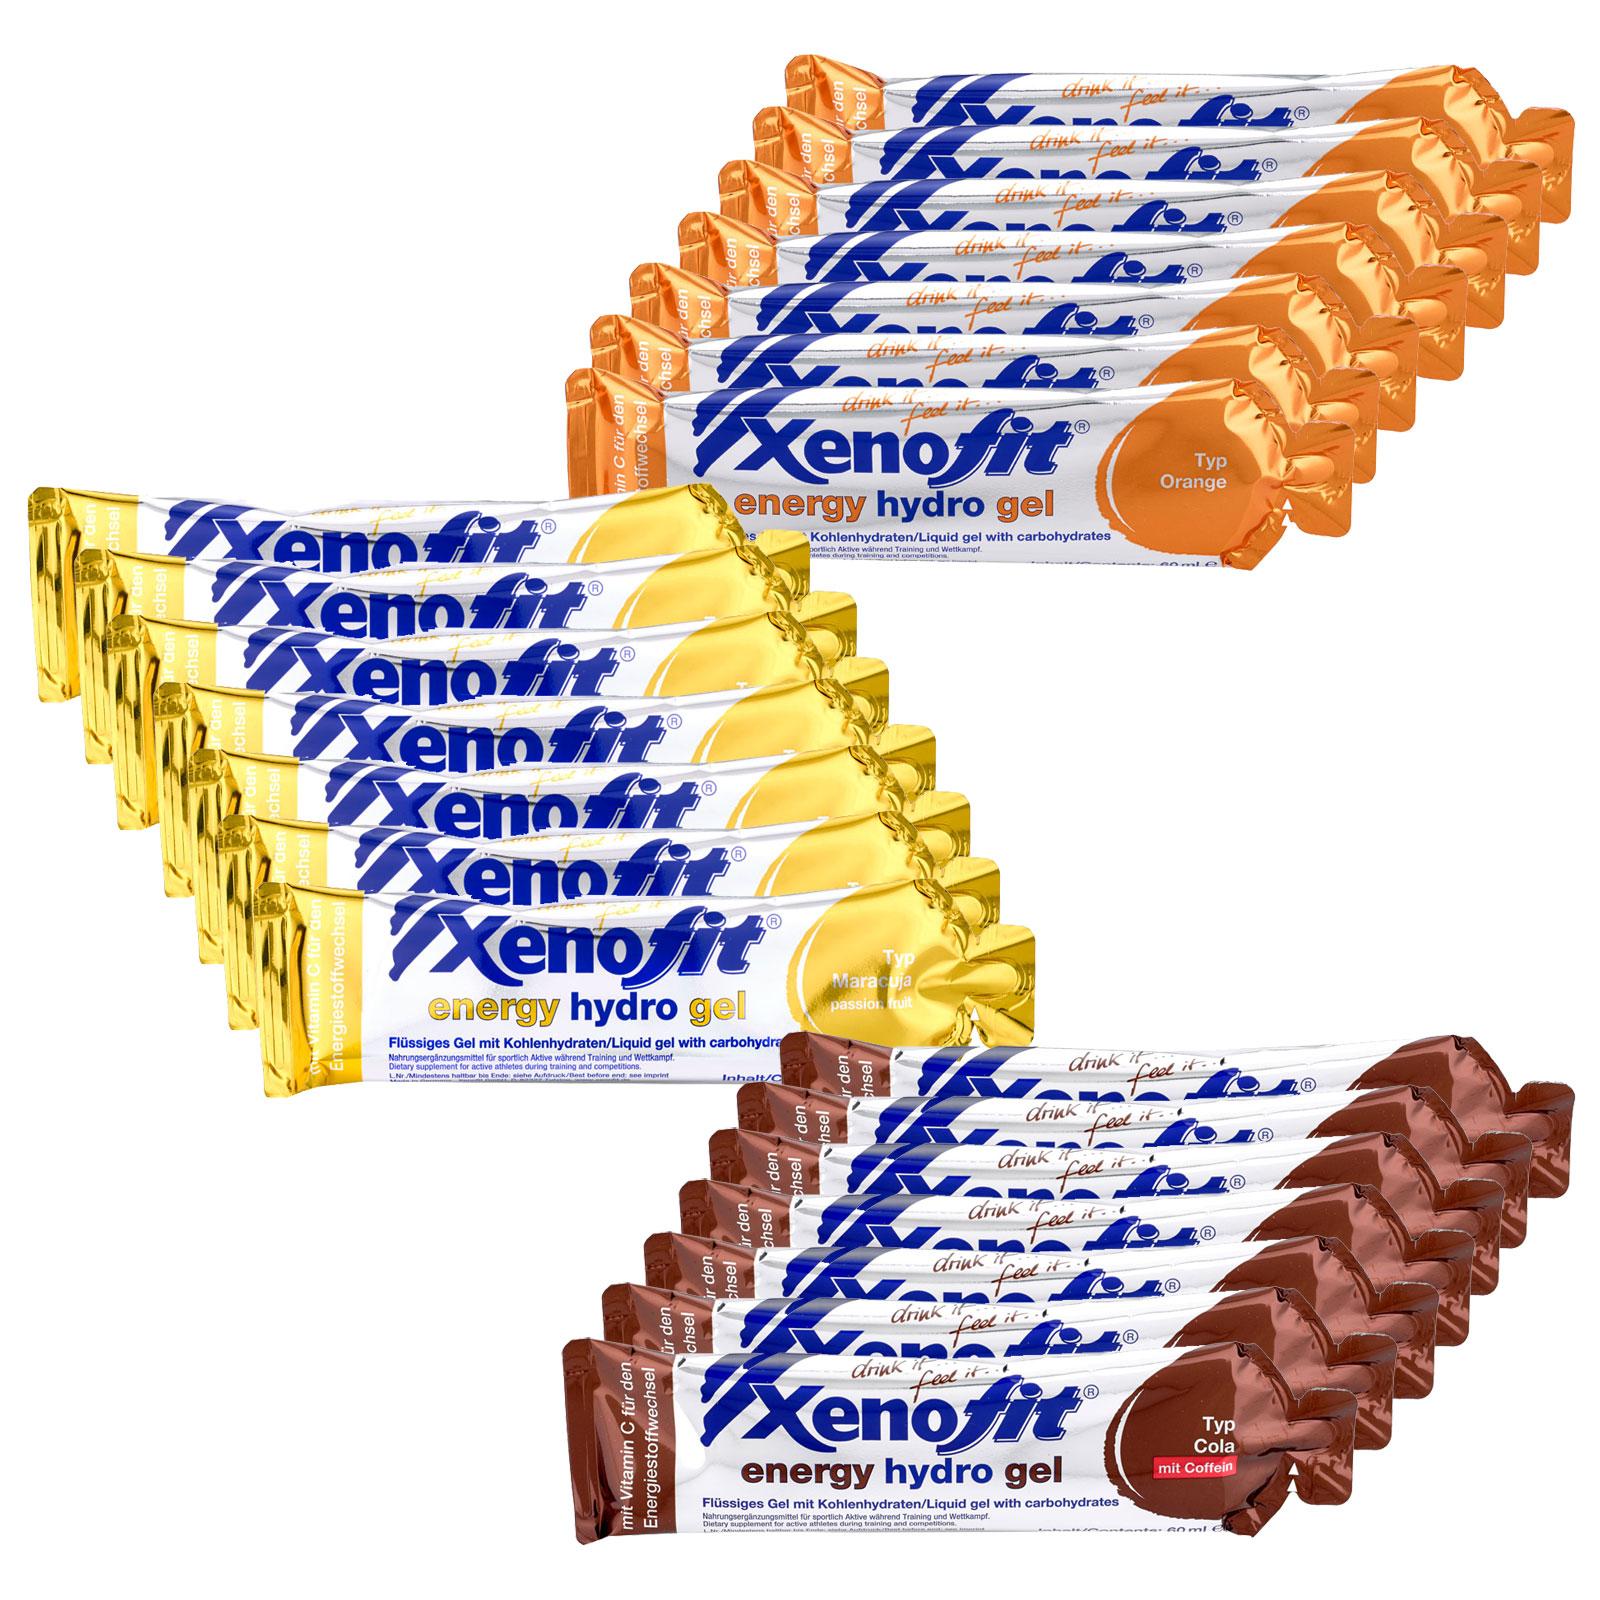 Xenofit Energy Hydro Gel mit Kohlenhydraten - Mixed Box - 21x60ml